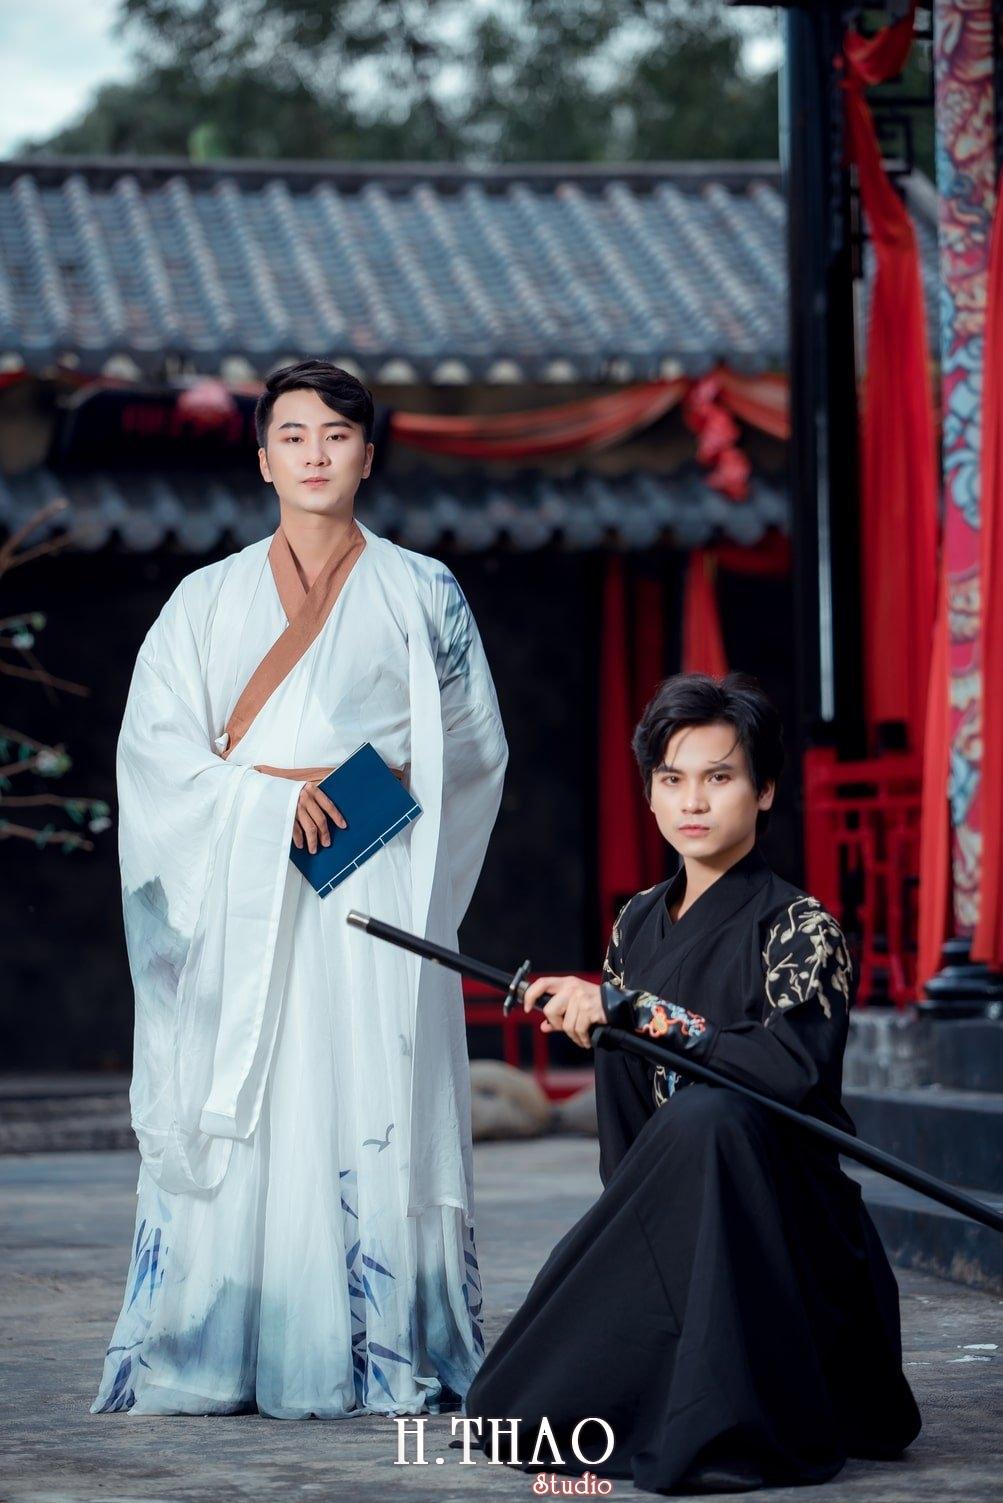 Anh co trang nam 16 - Album ảnh cổ trang nam phong cách thư sinh đẹp lạ mắt – HThao Studio